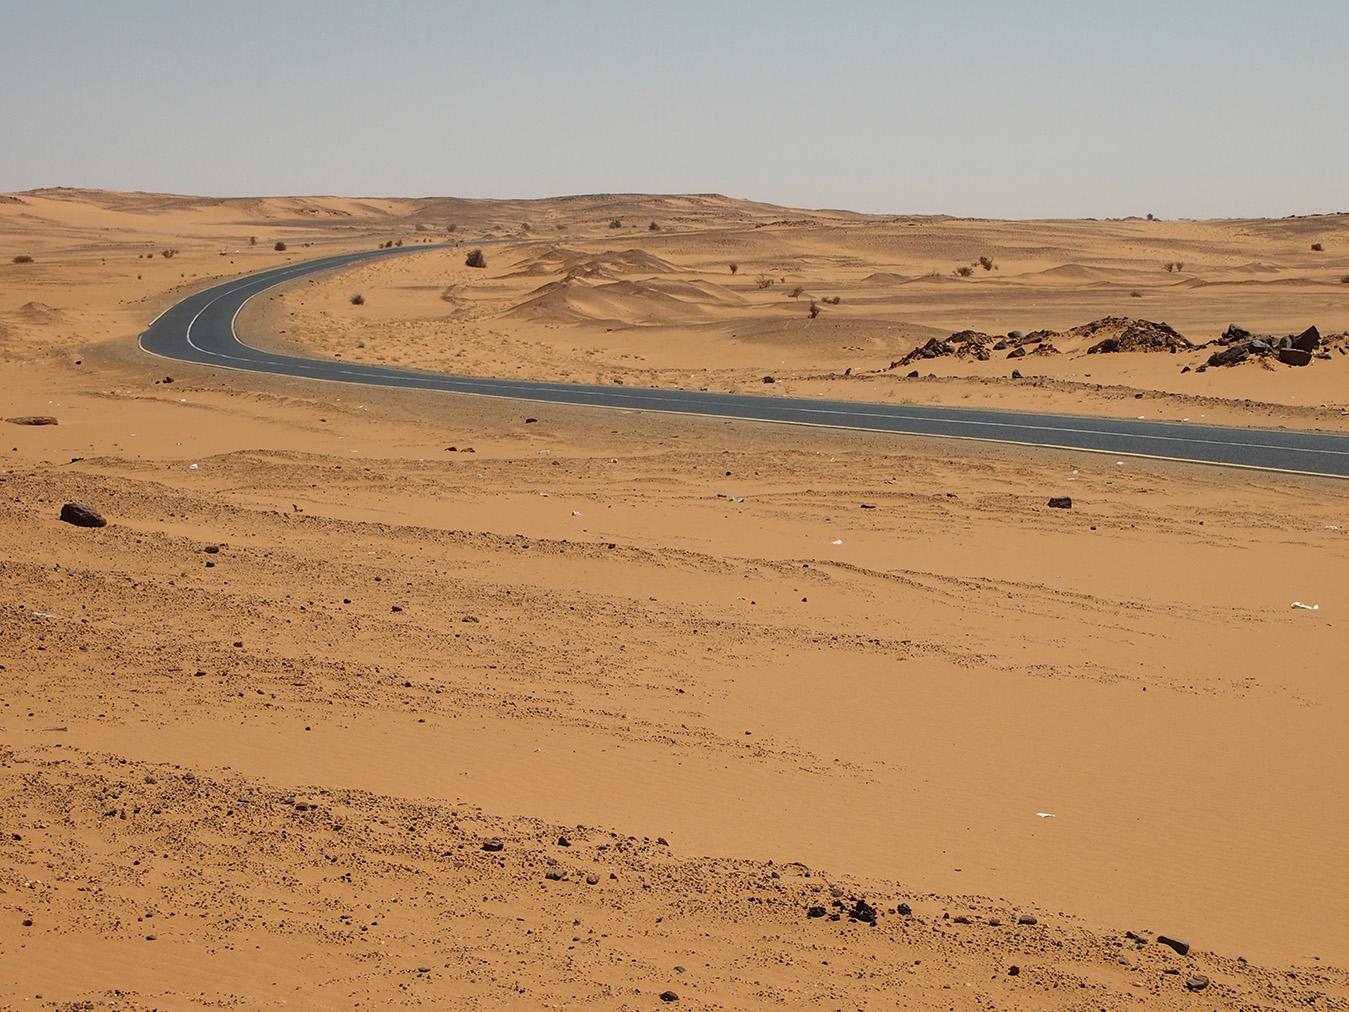 Saharská diaľnica